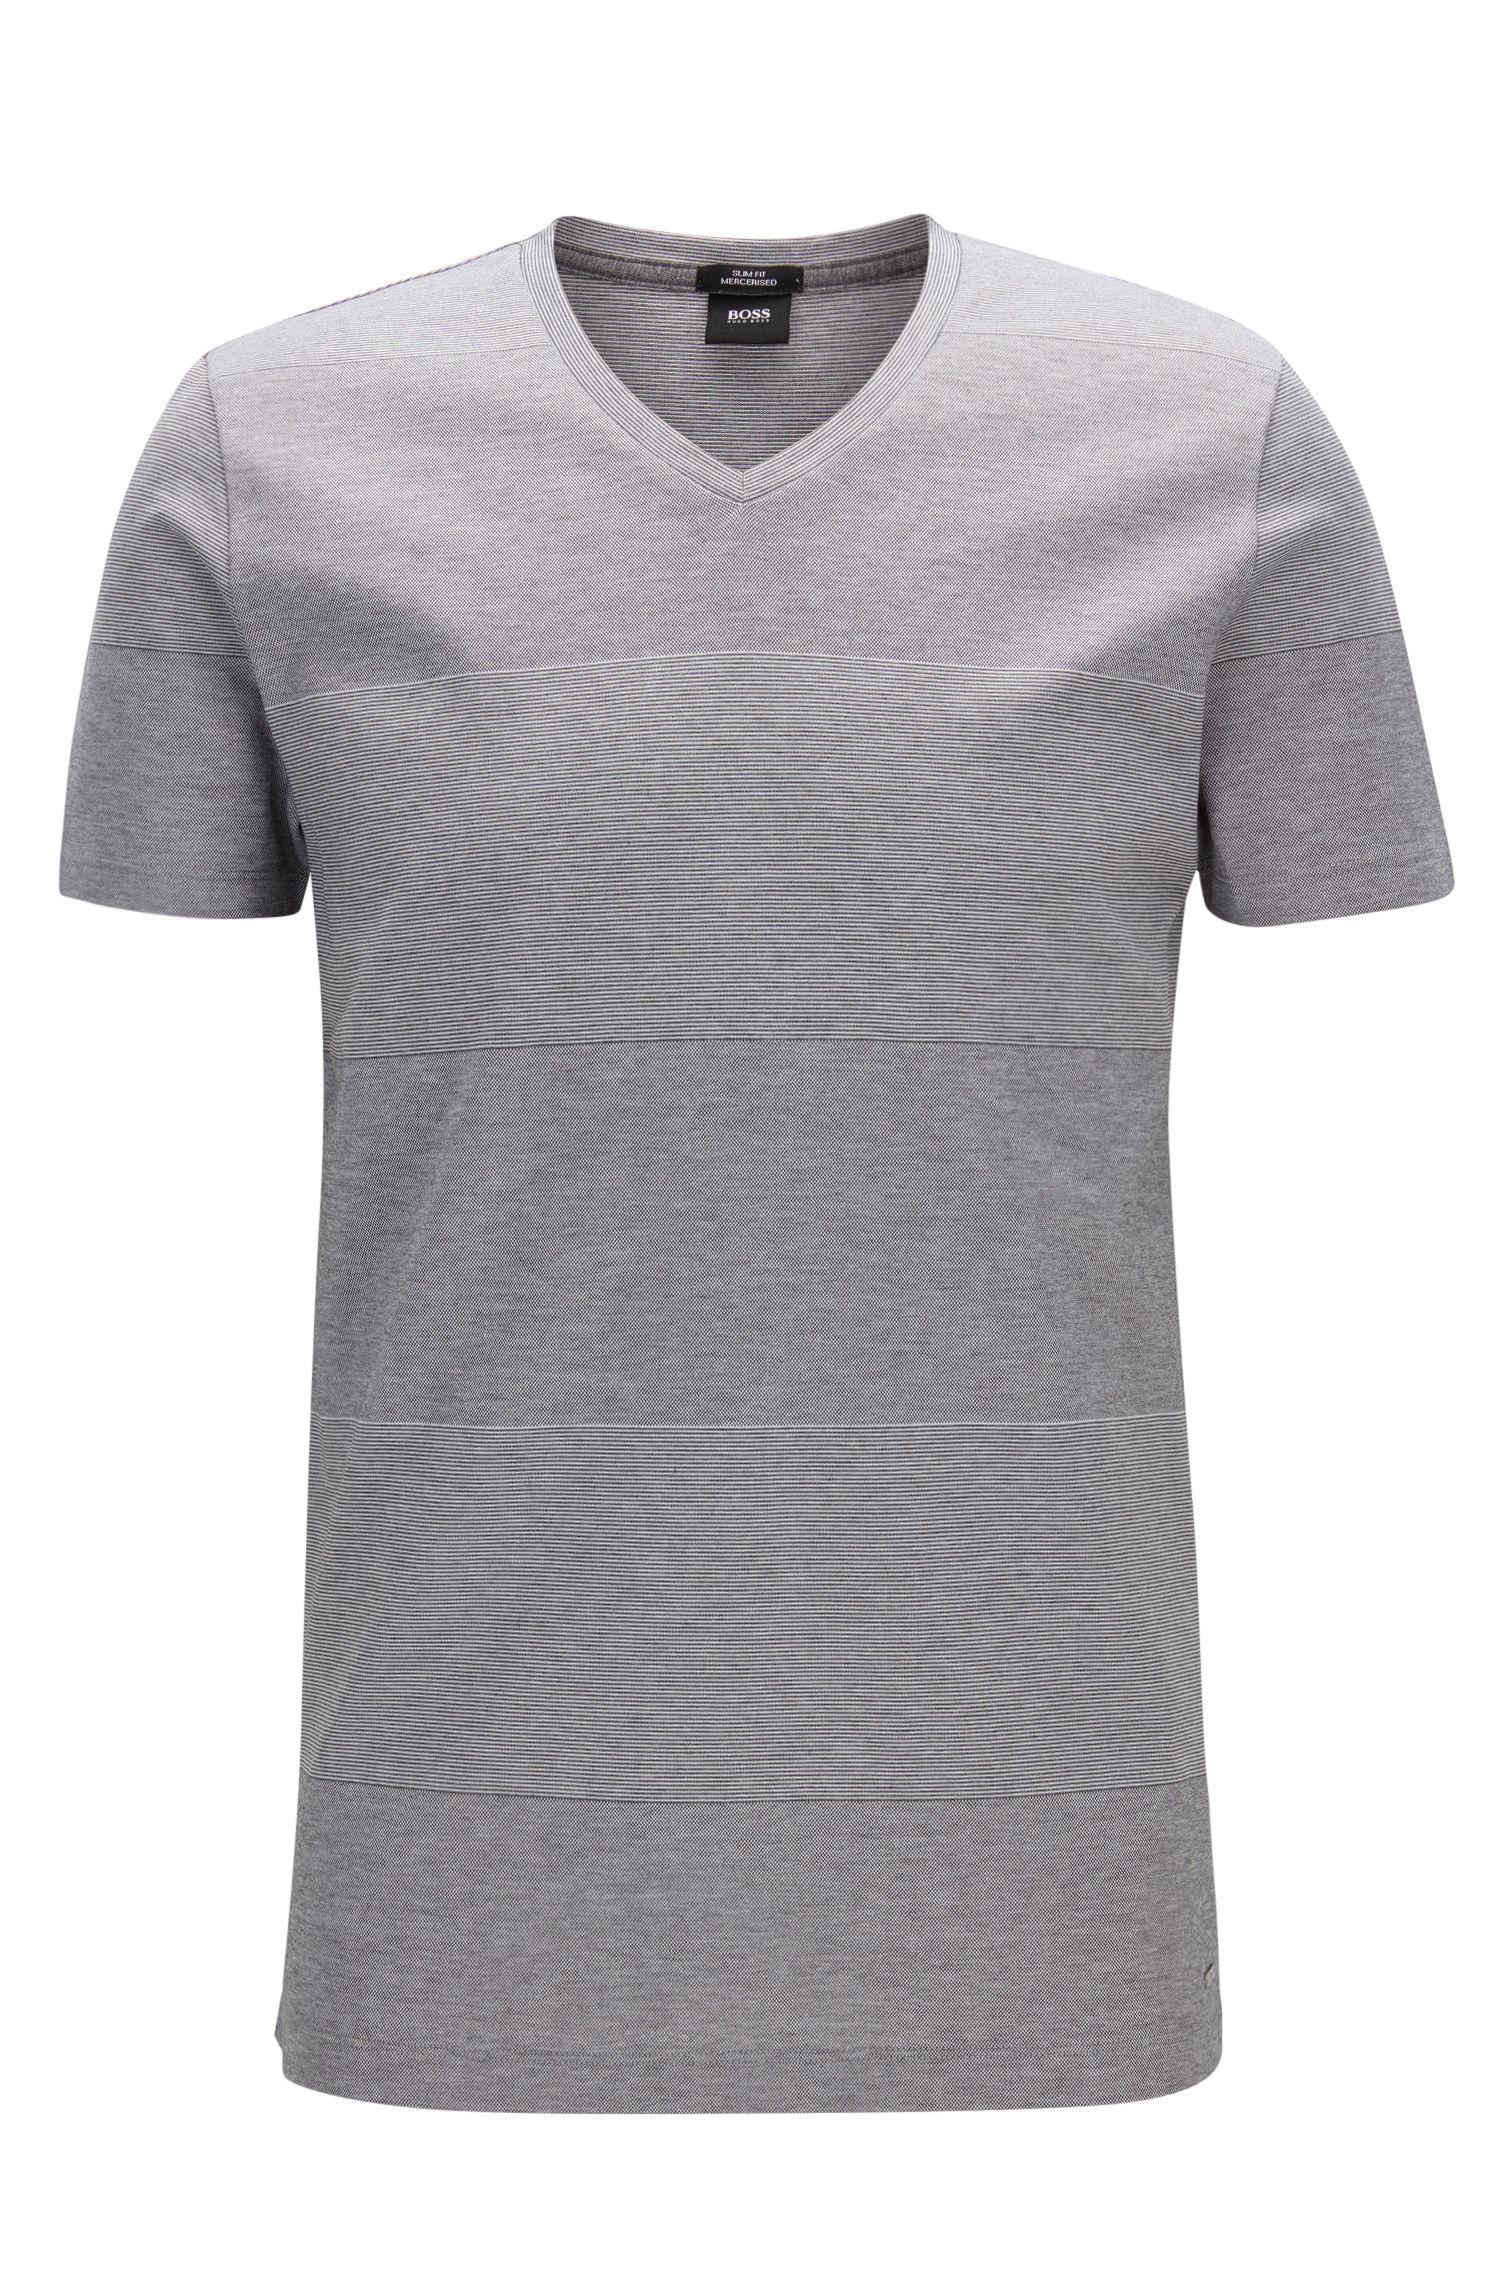 T-shirt slim fit a righe grosse in cotone mercerizzato